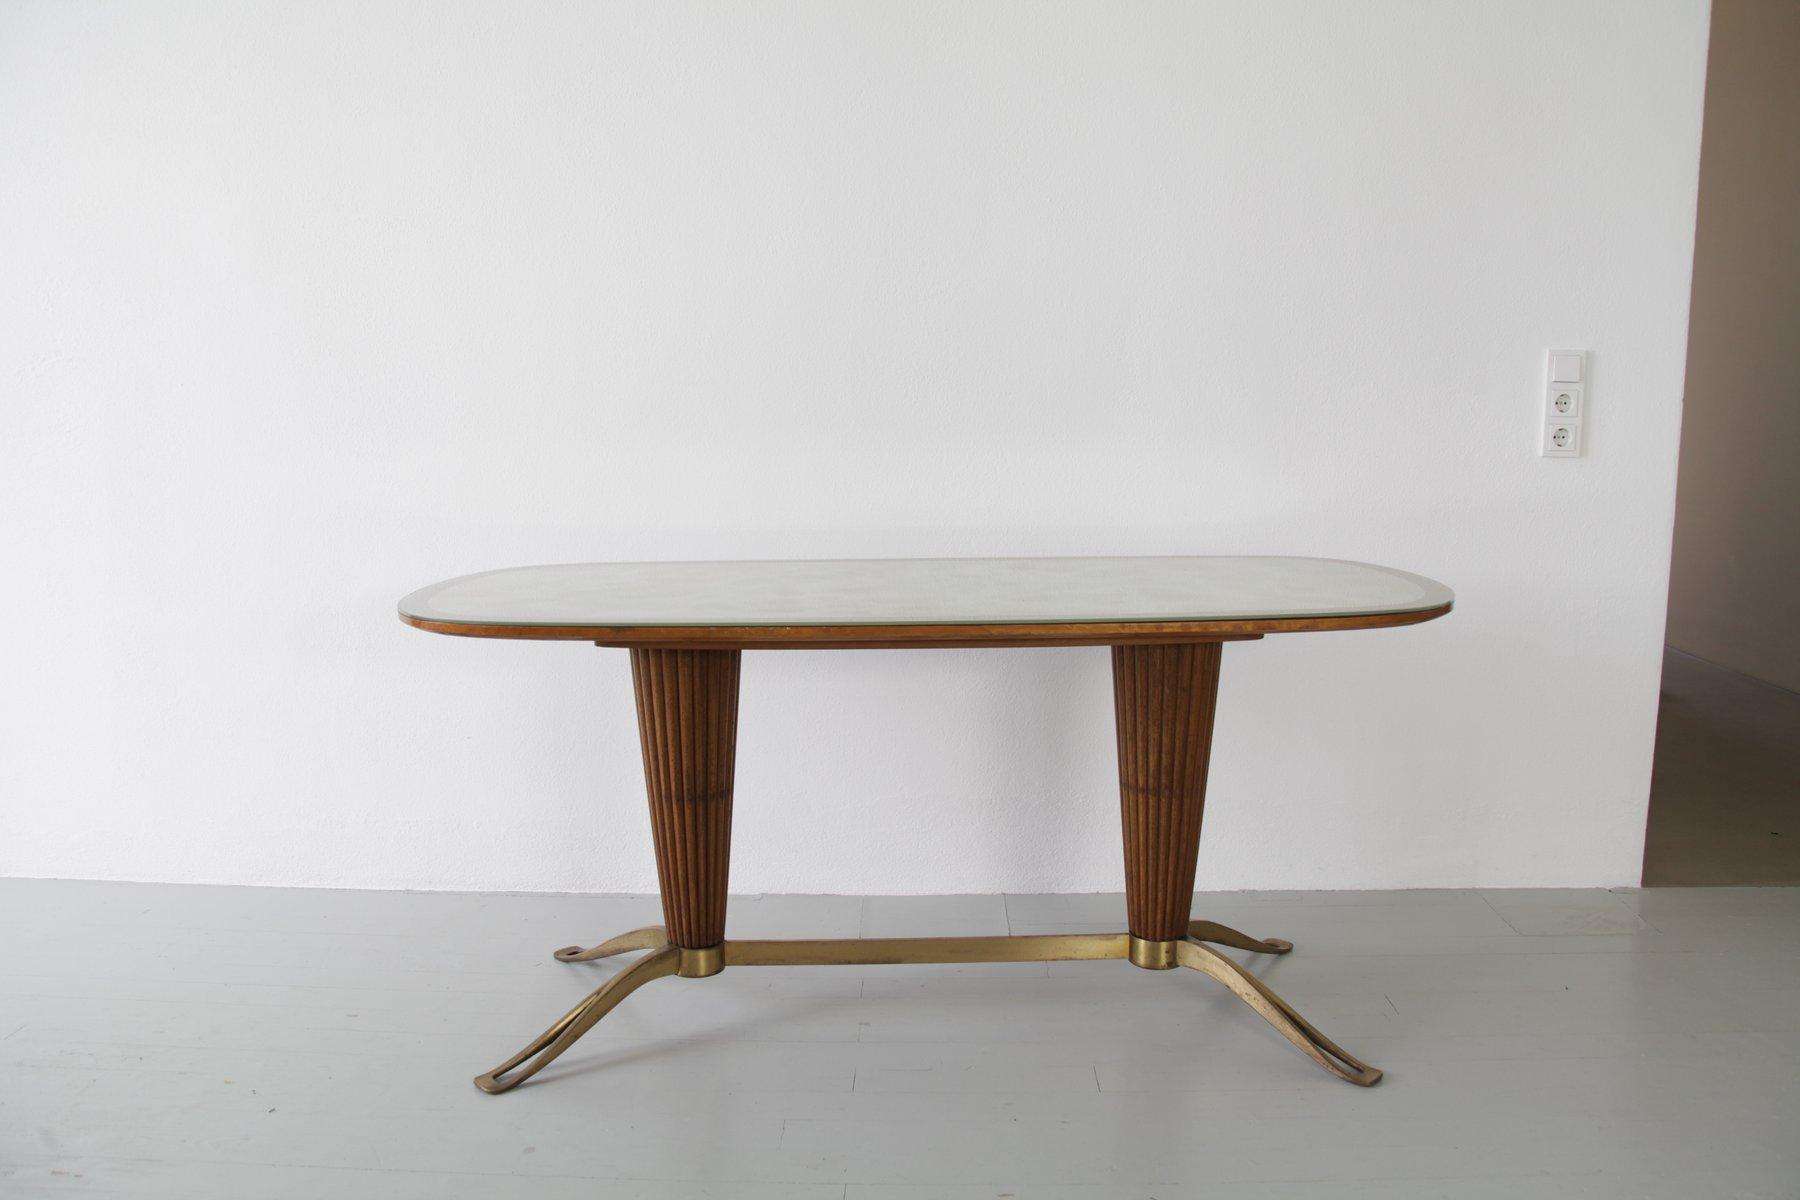 Italienischer Tisch mit Säulen-Fuß, 1950er